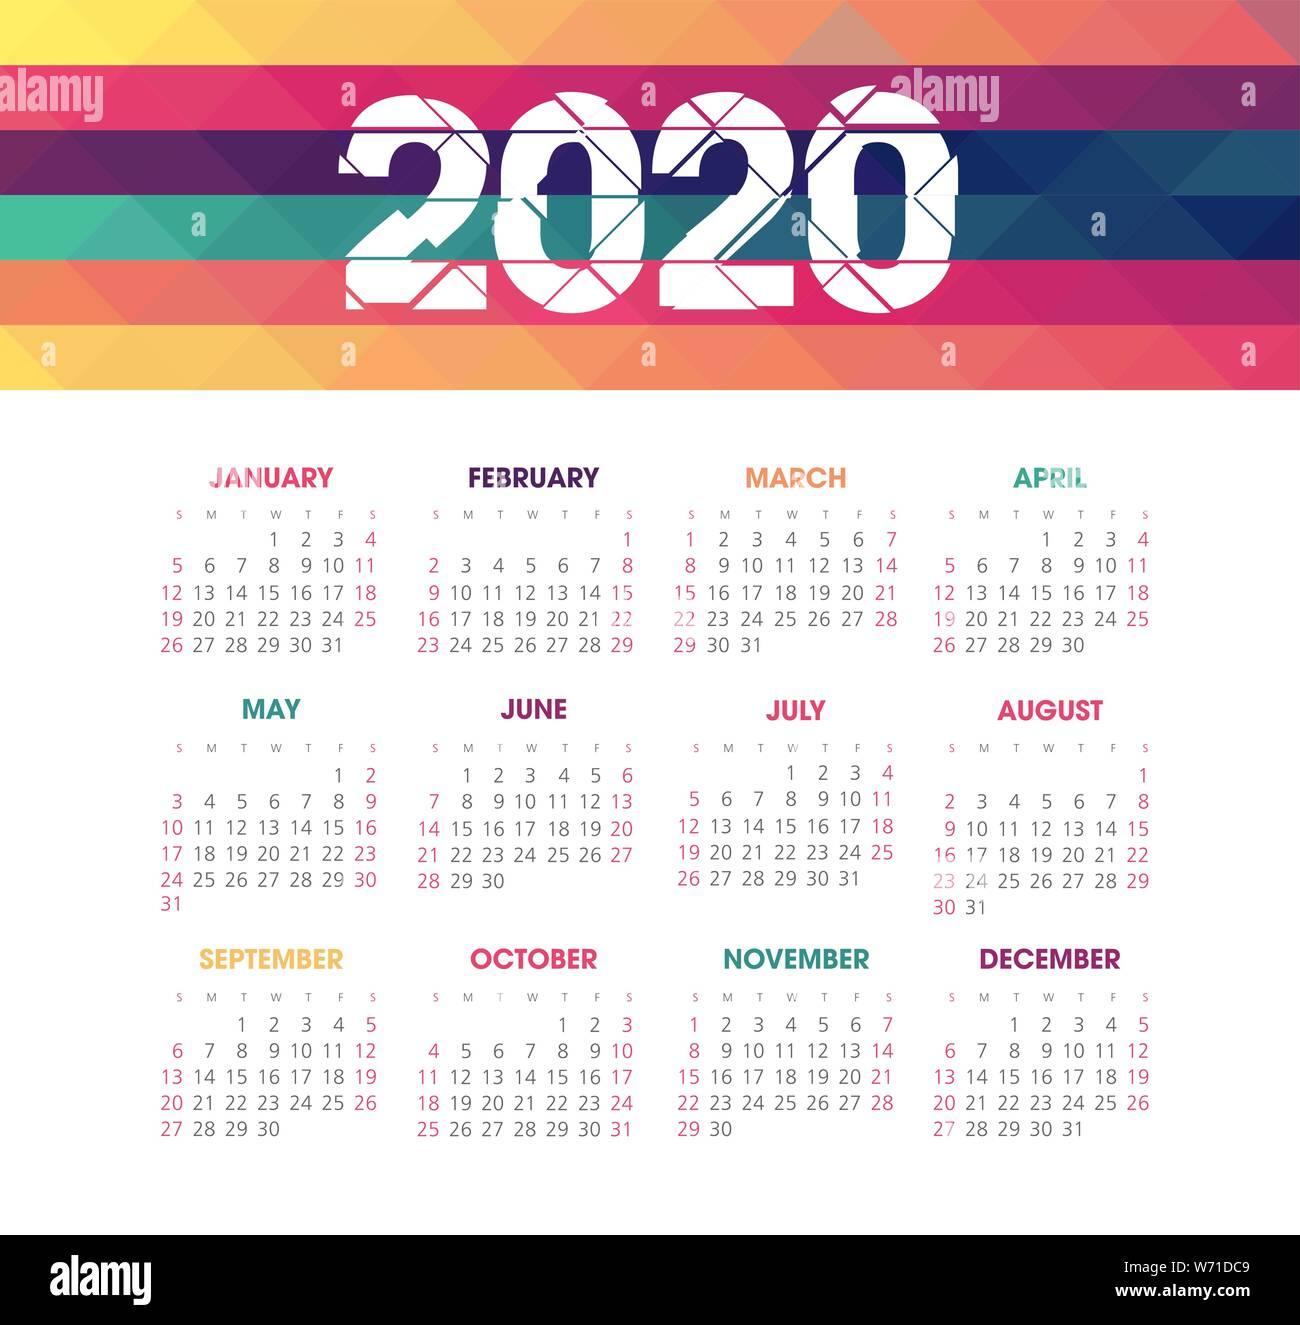 kalender 2020 stockfotos kalender 2020 bilder alamy. Black Bedroom Furniture Sets. Home Design Ideas